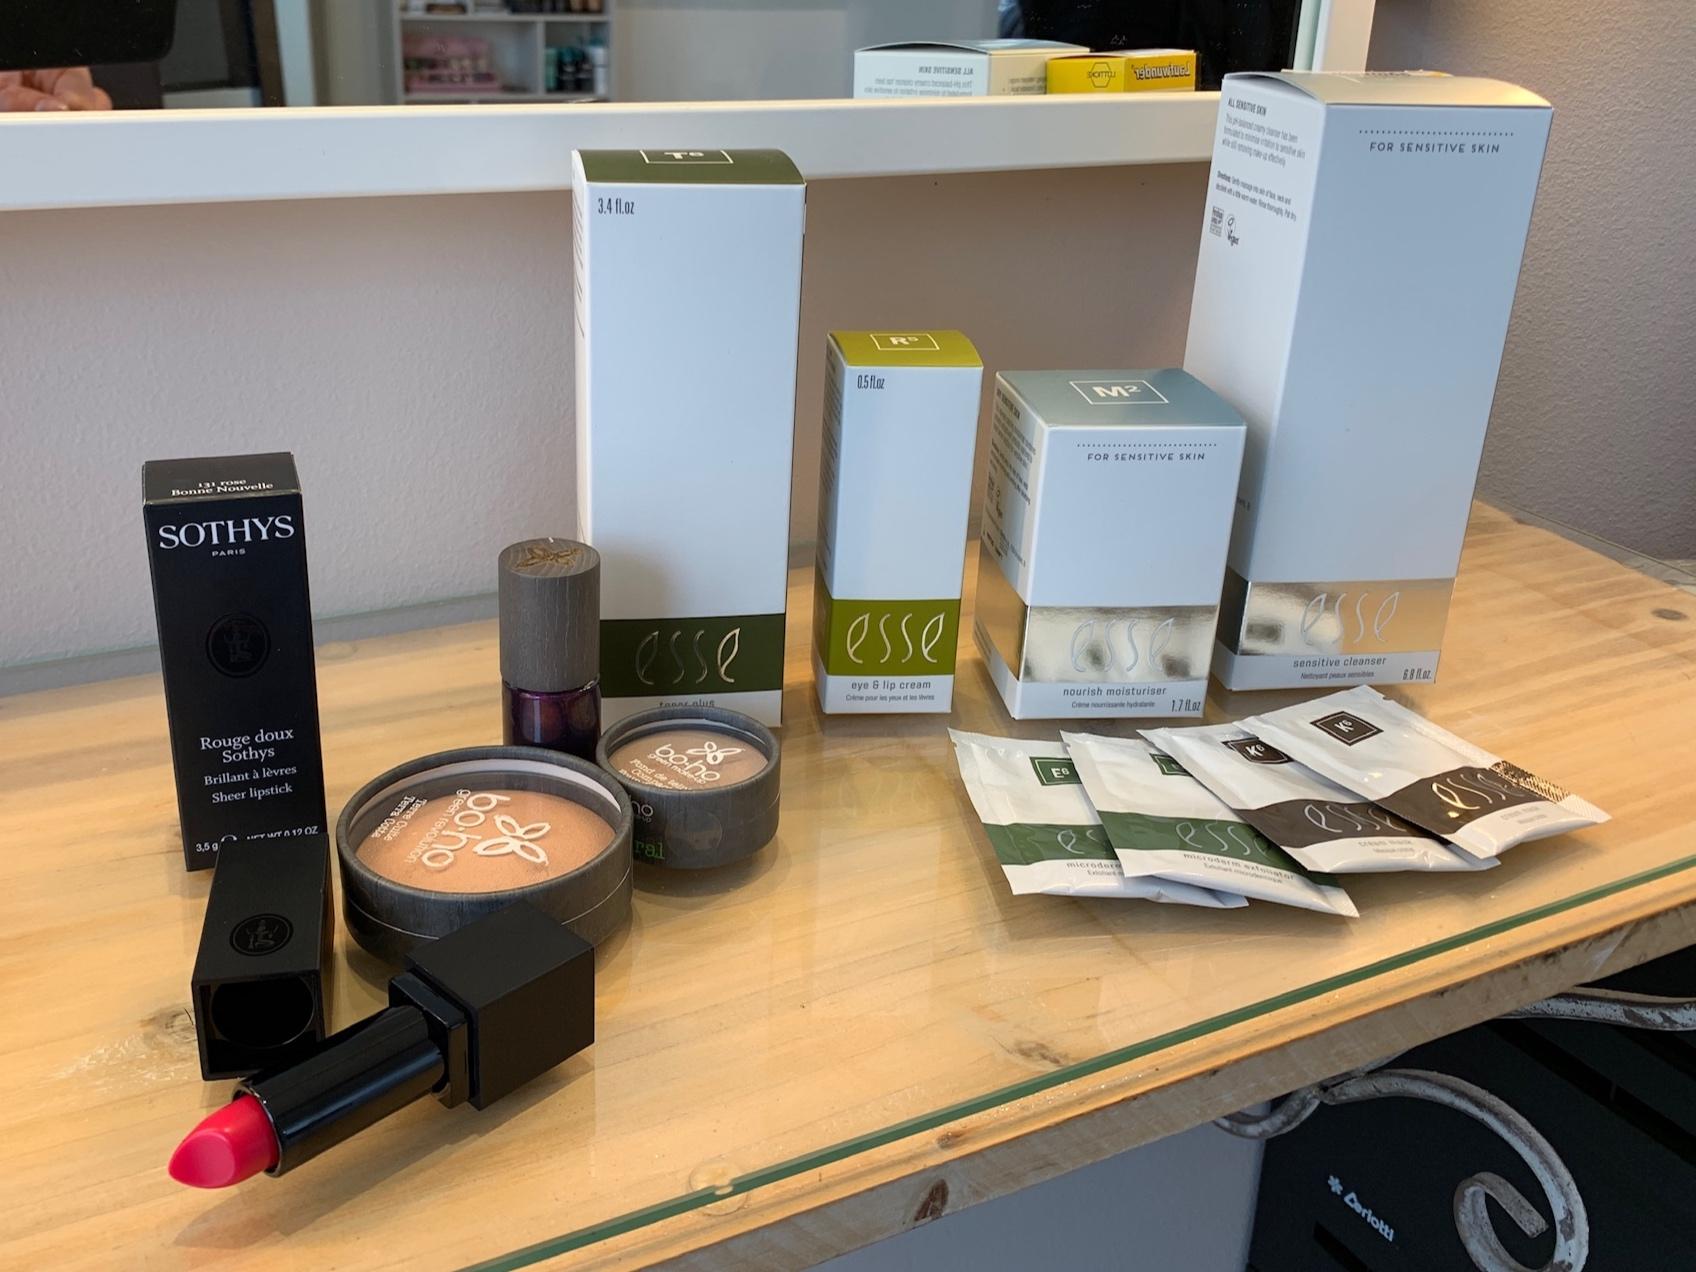 Esse lahjoitti äidille ihonhoitotuotteet, Boho meikit.